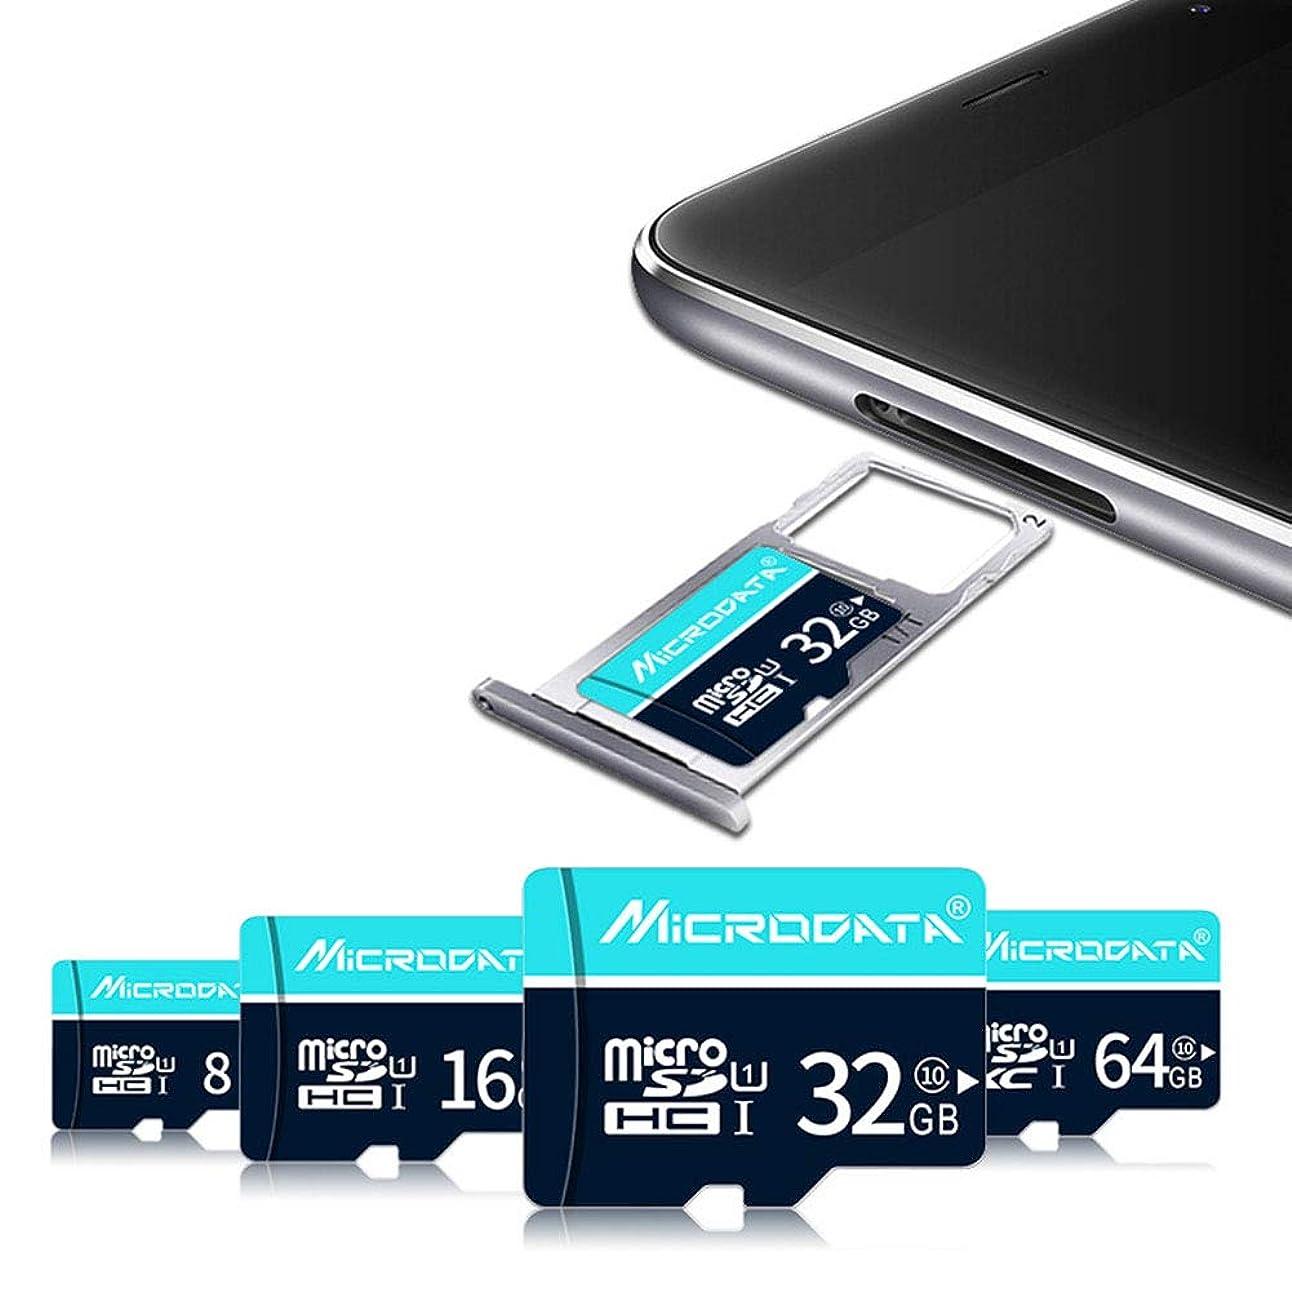 保全消化髄8GB 16GB 32GB 64GB 128GBマイクロSDカード micro-SD カード 伝送レートCLASS10 TFカード メモリカード SDアダプタ付き 伝送レートCLASS10 携帯電話、タブレットPC、カメラ用 超高速転送 多く対象に適用する (16GB)